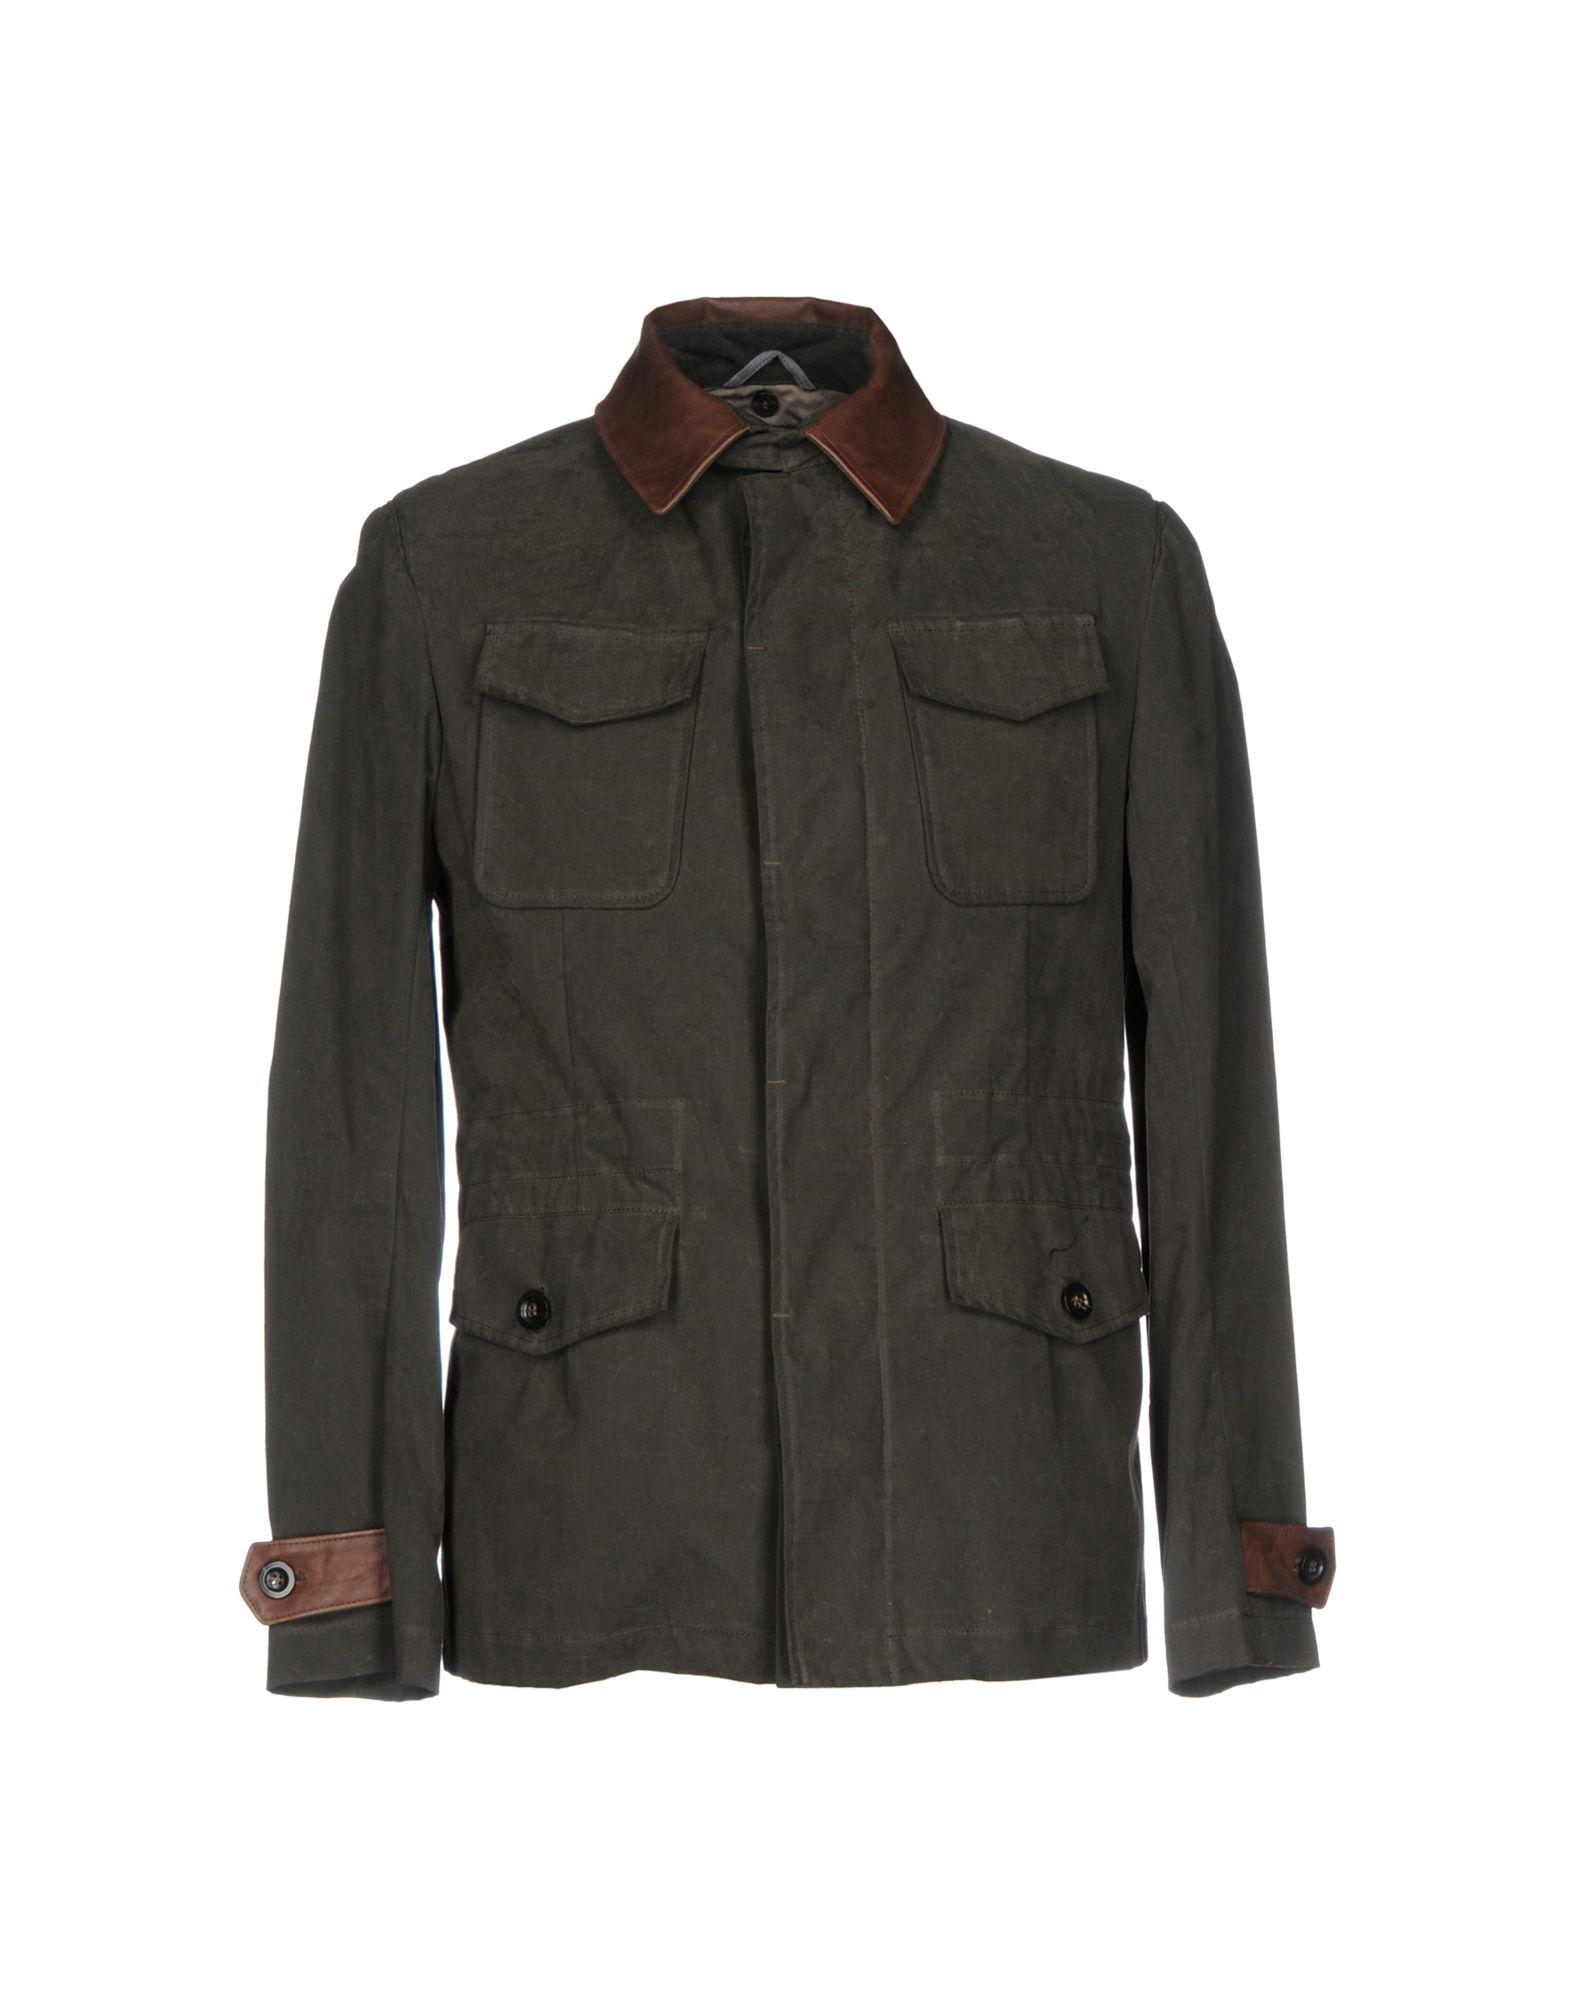 цены на ITINERIS Куртка в интернет-магазинах